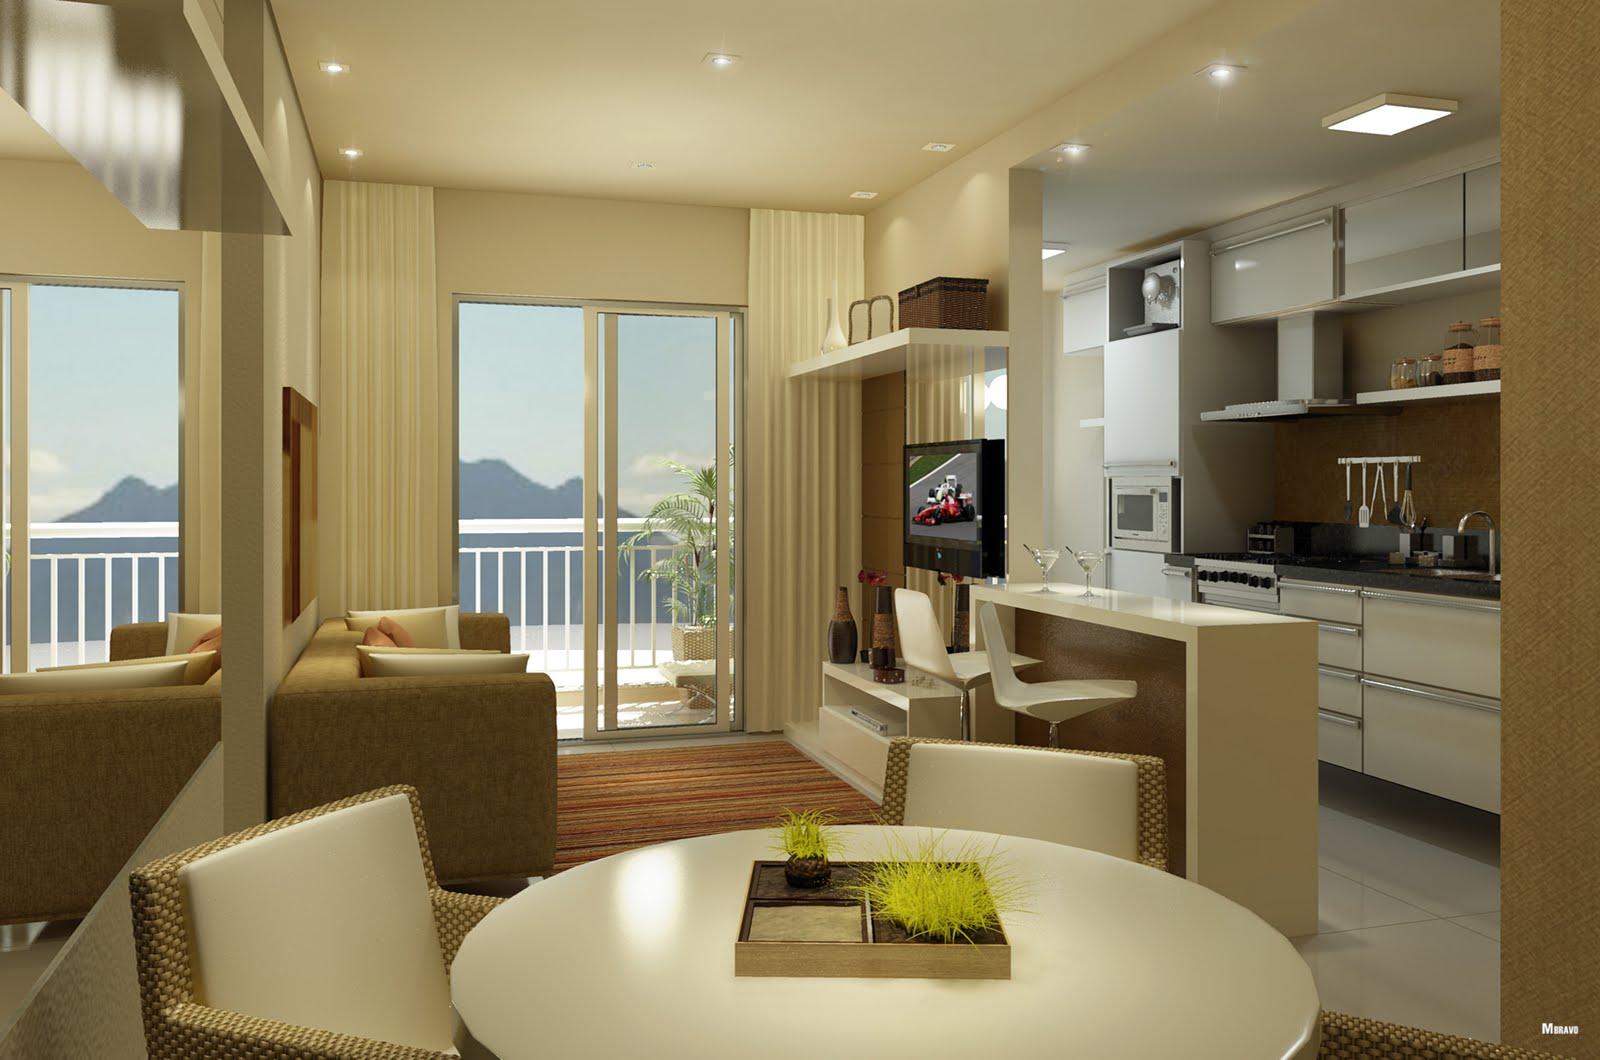 apartamentos-pequenos-ideias